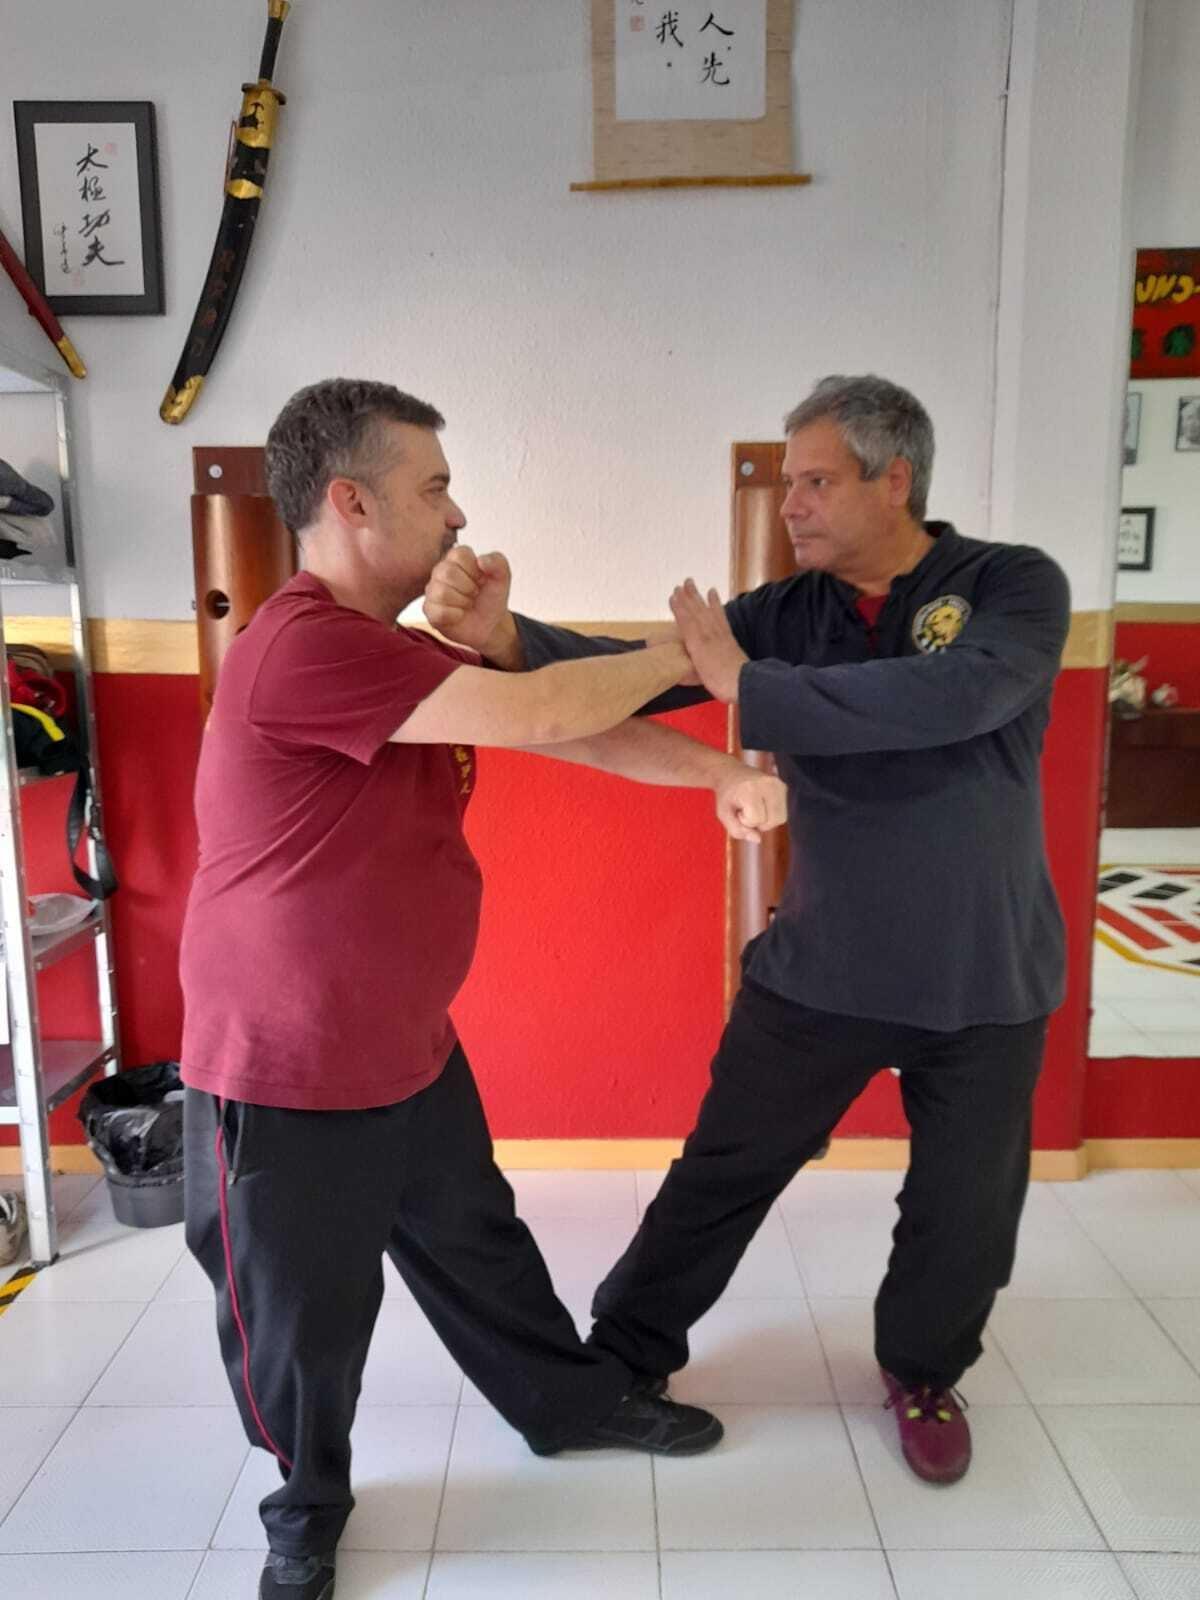 Artes marciales chinas: una ventana a tu interior - Luis Javier Carballais, maestro de Kungfu y Taichi en Zaragoza.